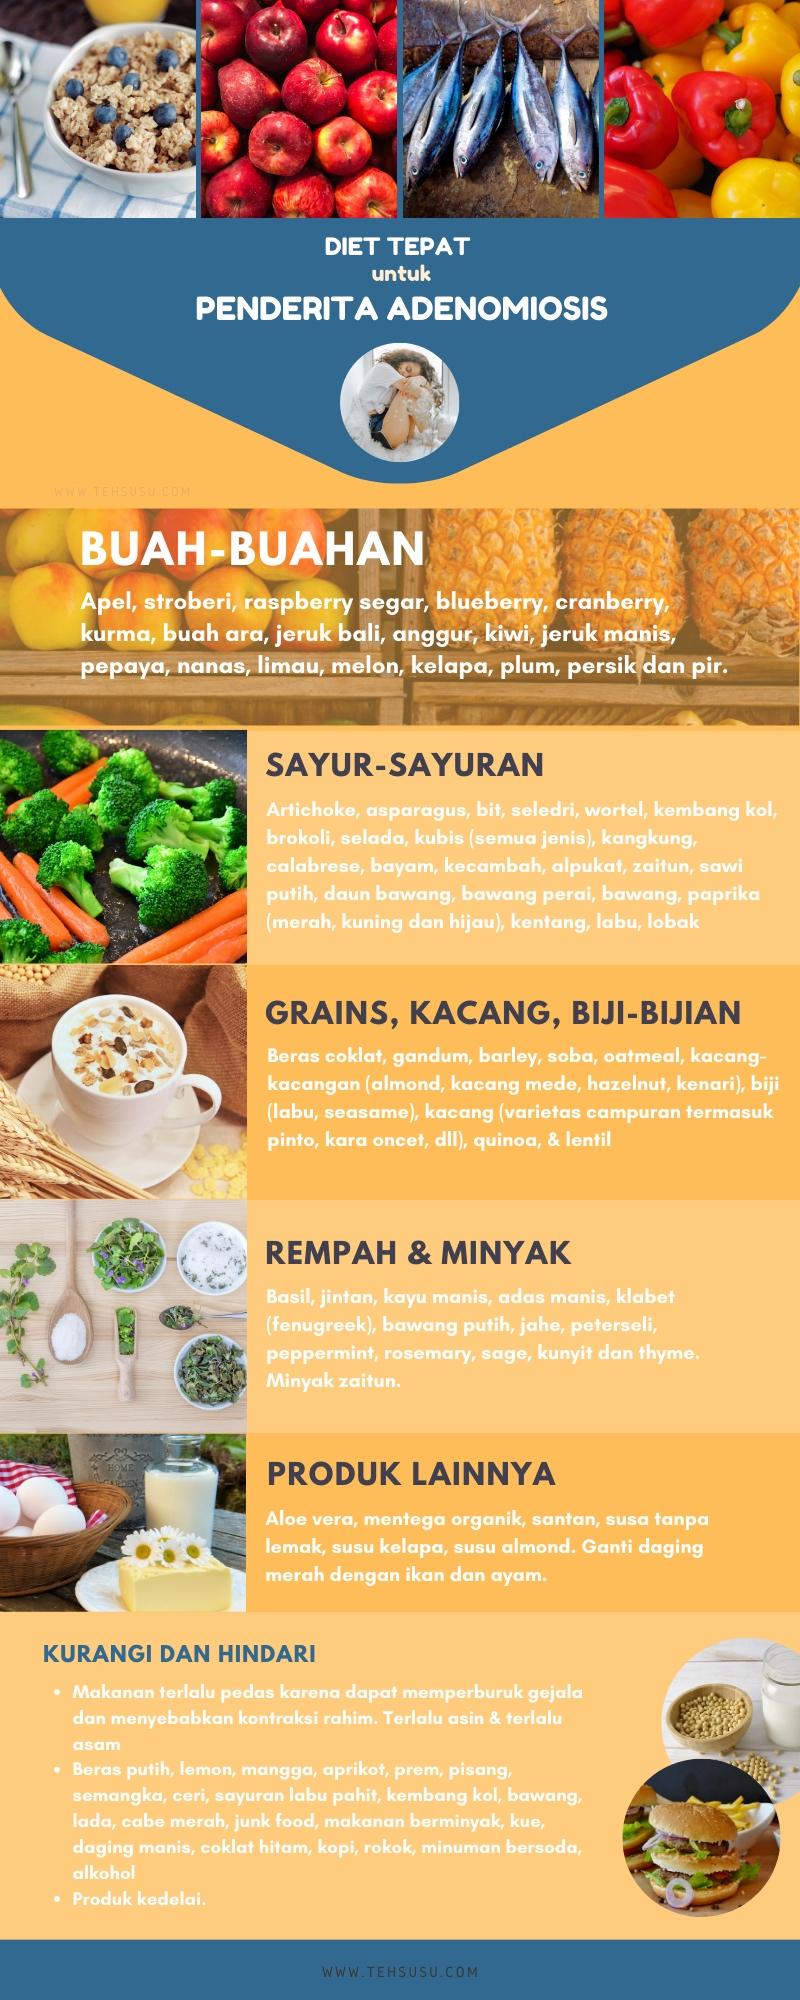 diet tepat penderita adenomiosis infographic